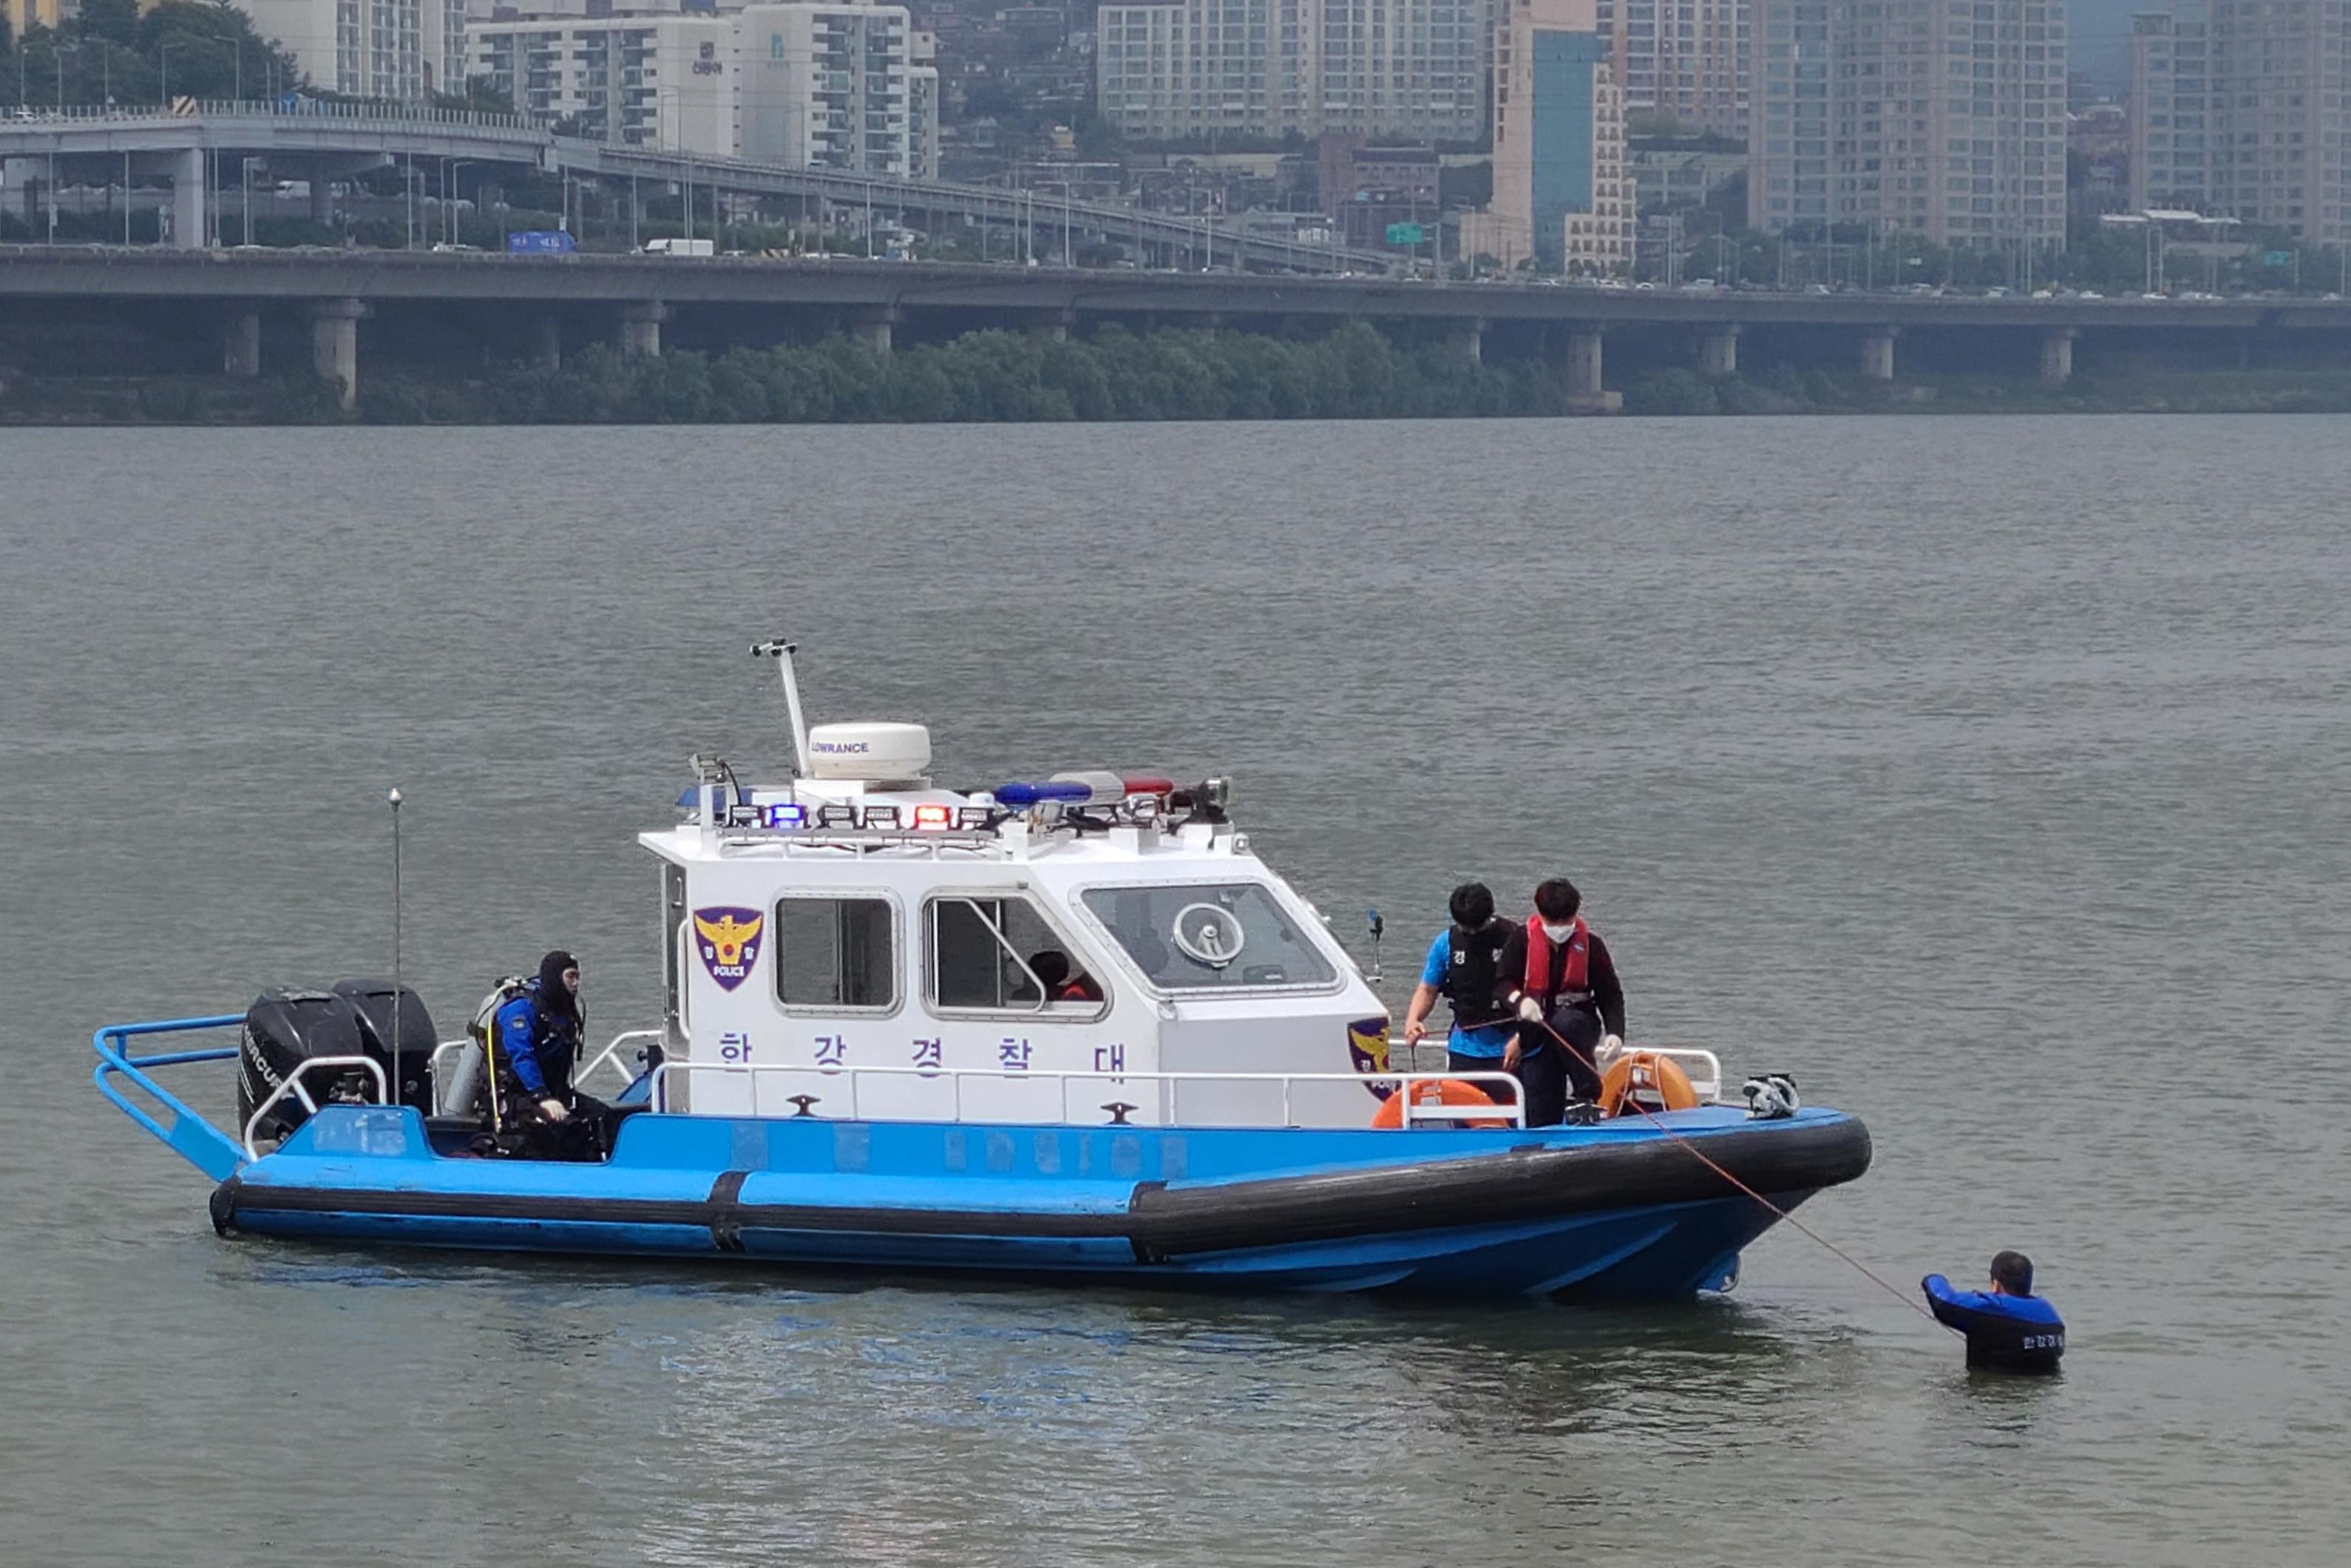 ▲▼孫正敏的屍體於4月30日在漢江上被搜救犬尋獲,調查人員探查水深,以求釐清死因。(圖/達志影像)